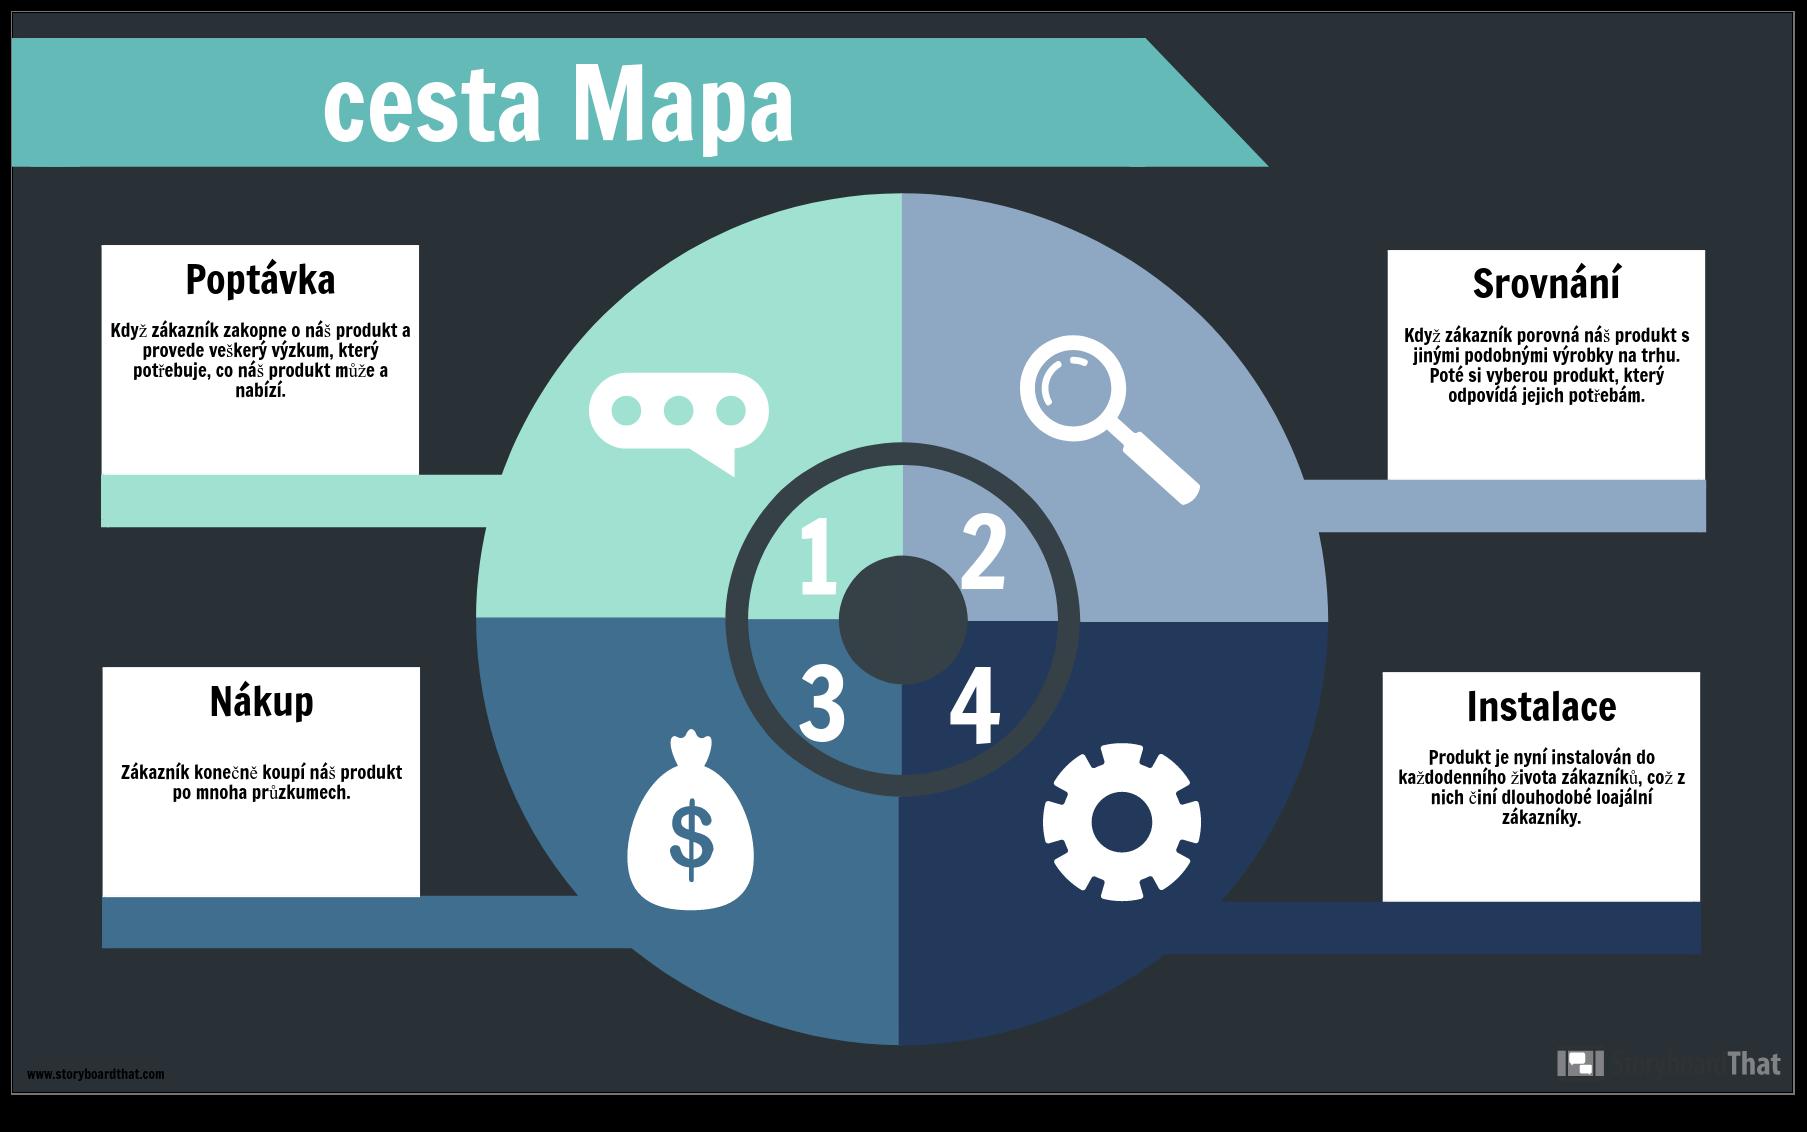 Příklad Mapy Cesty